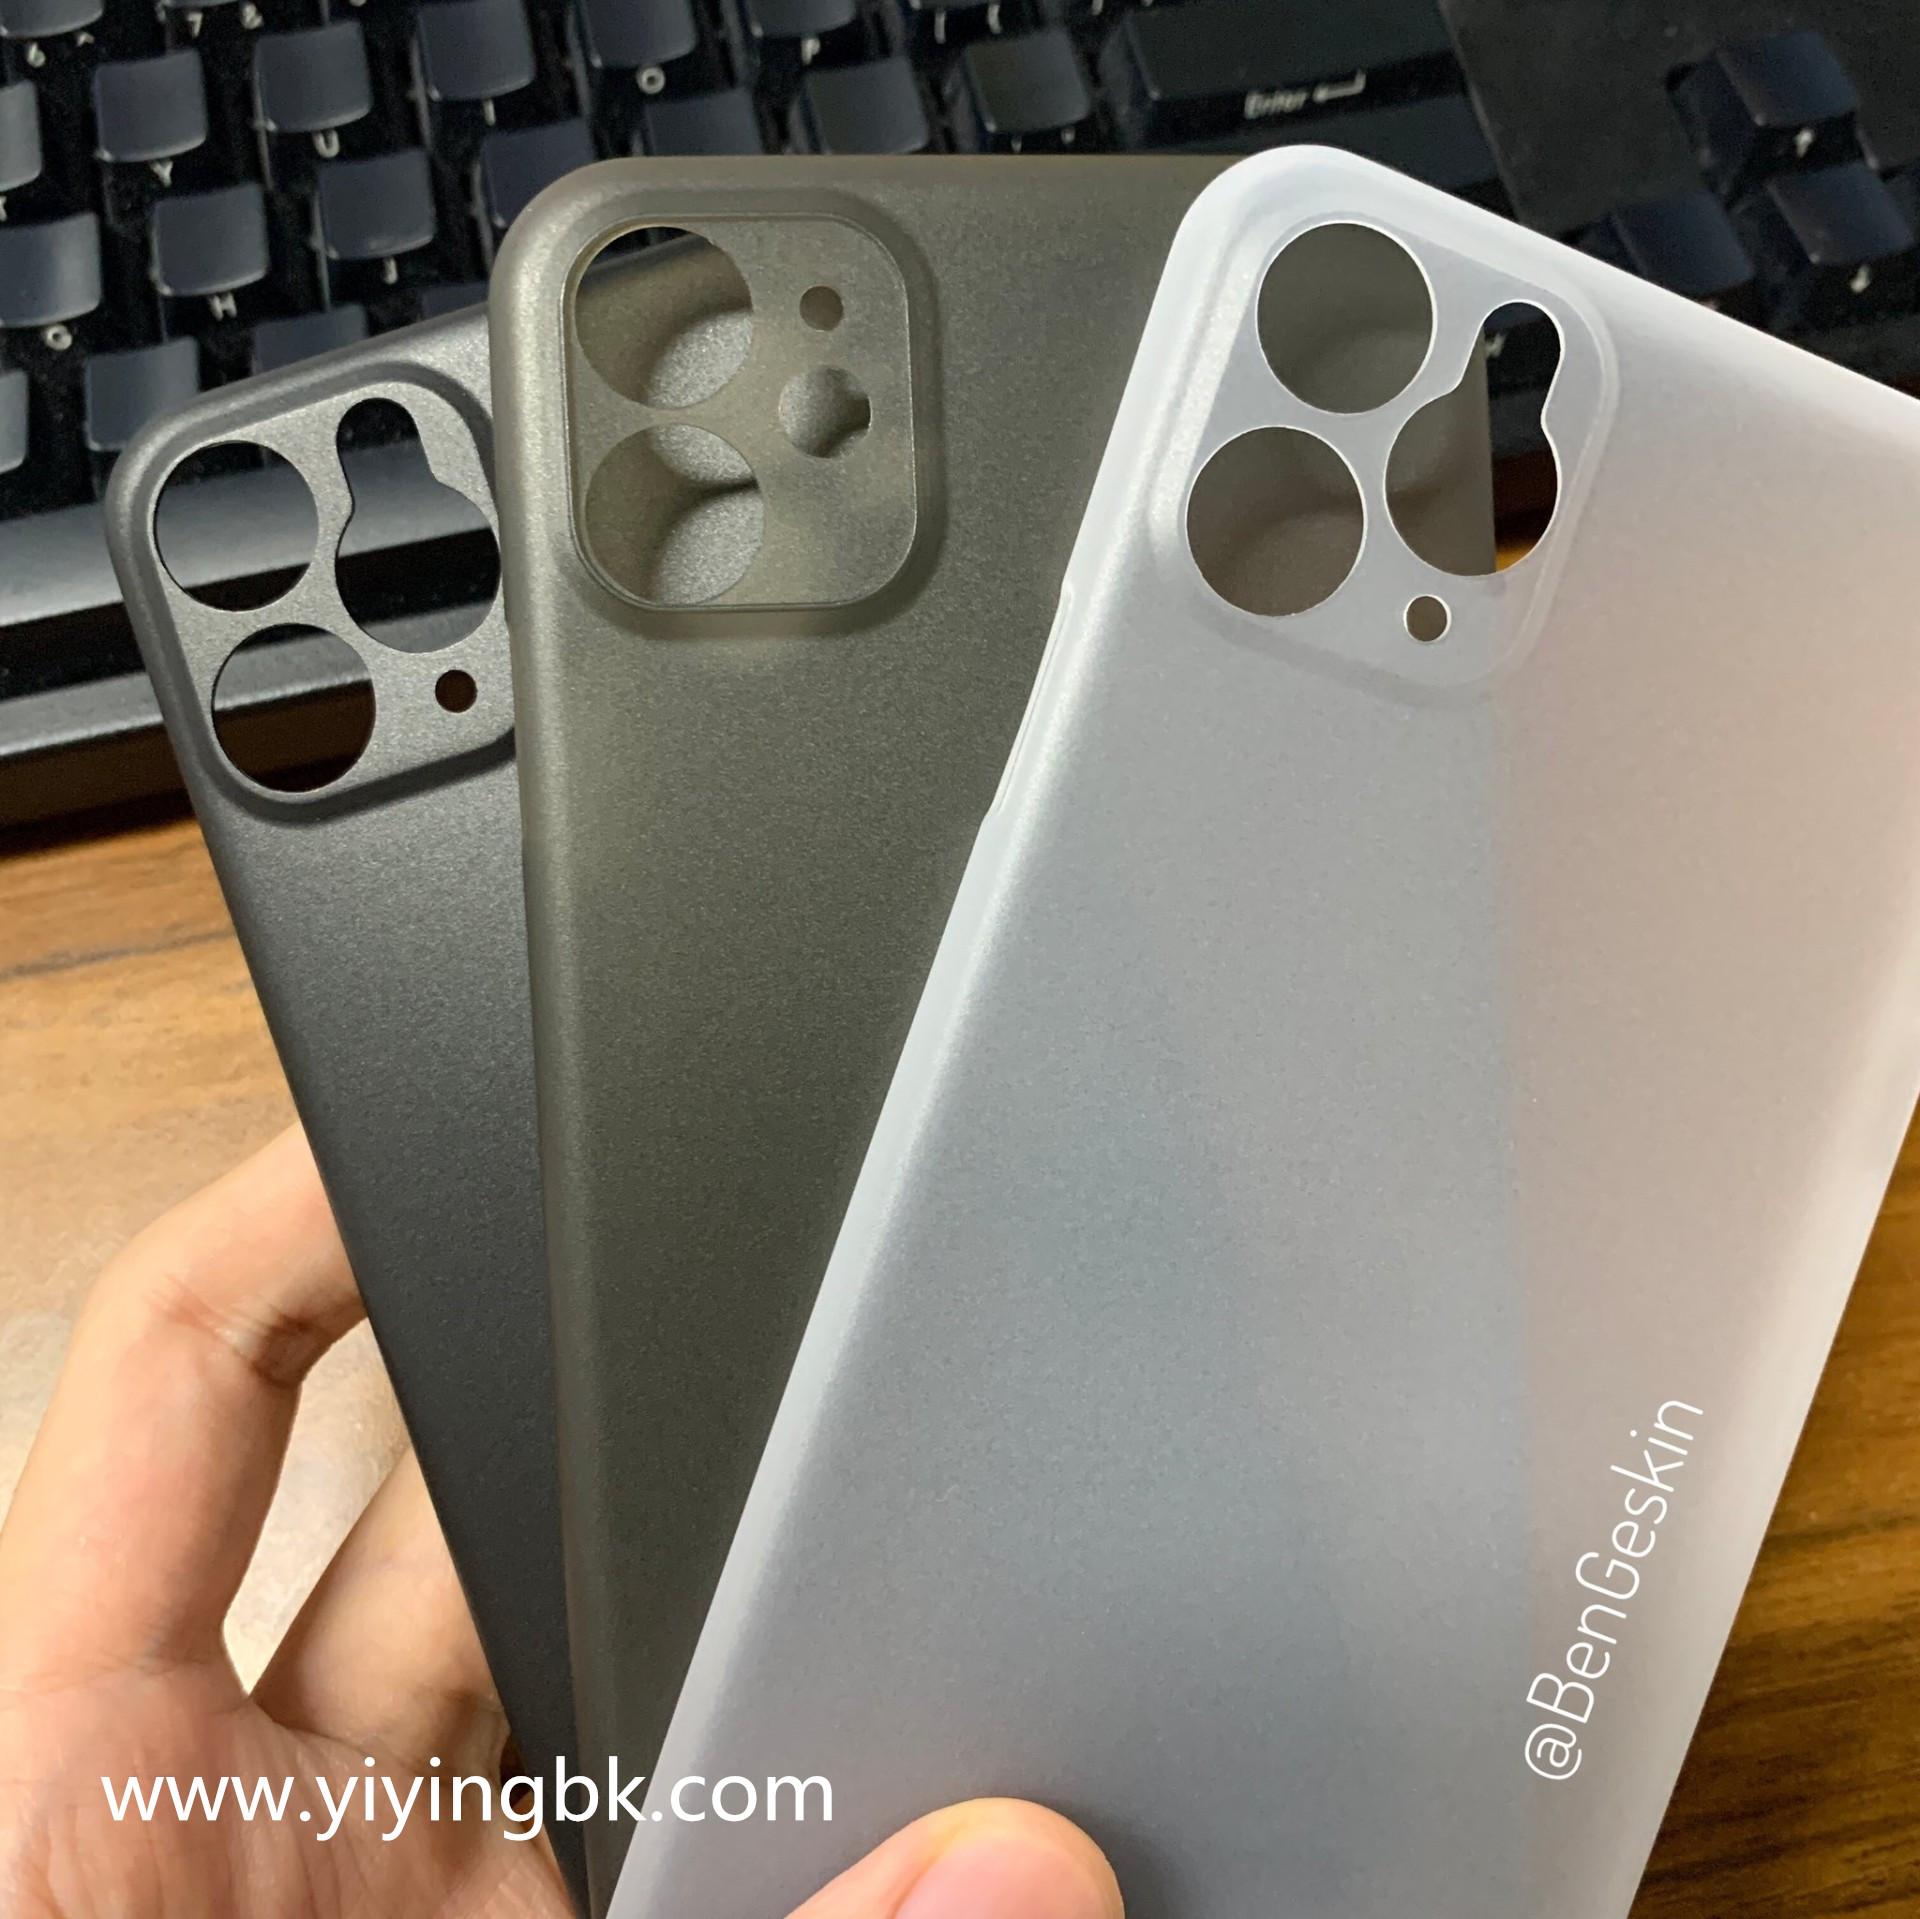 多款新iPhone手机保护壳曝光:激凸方形摄像头模组好辣眼睛